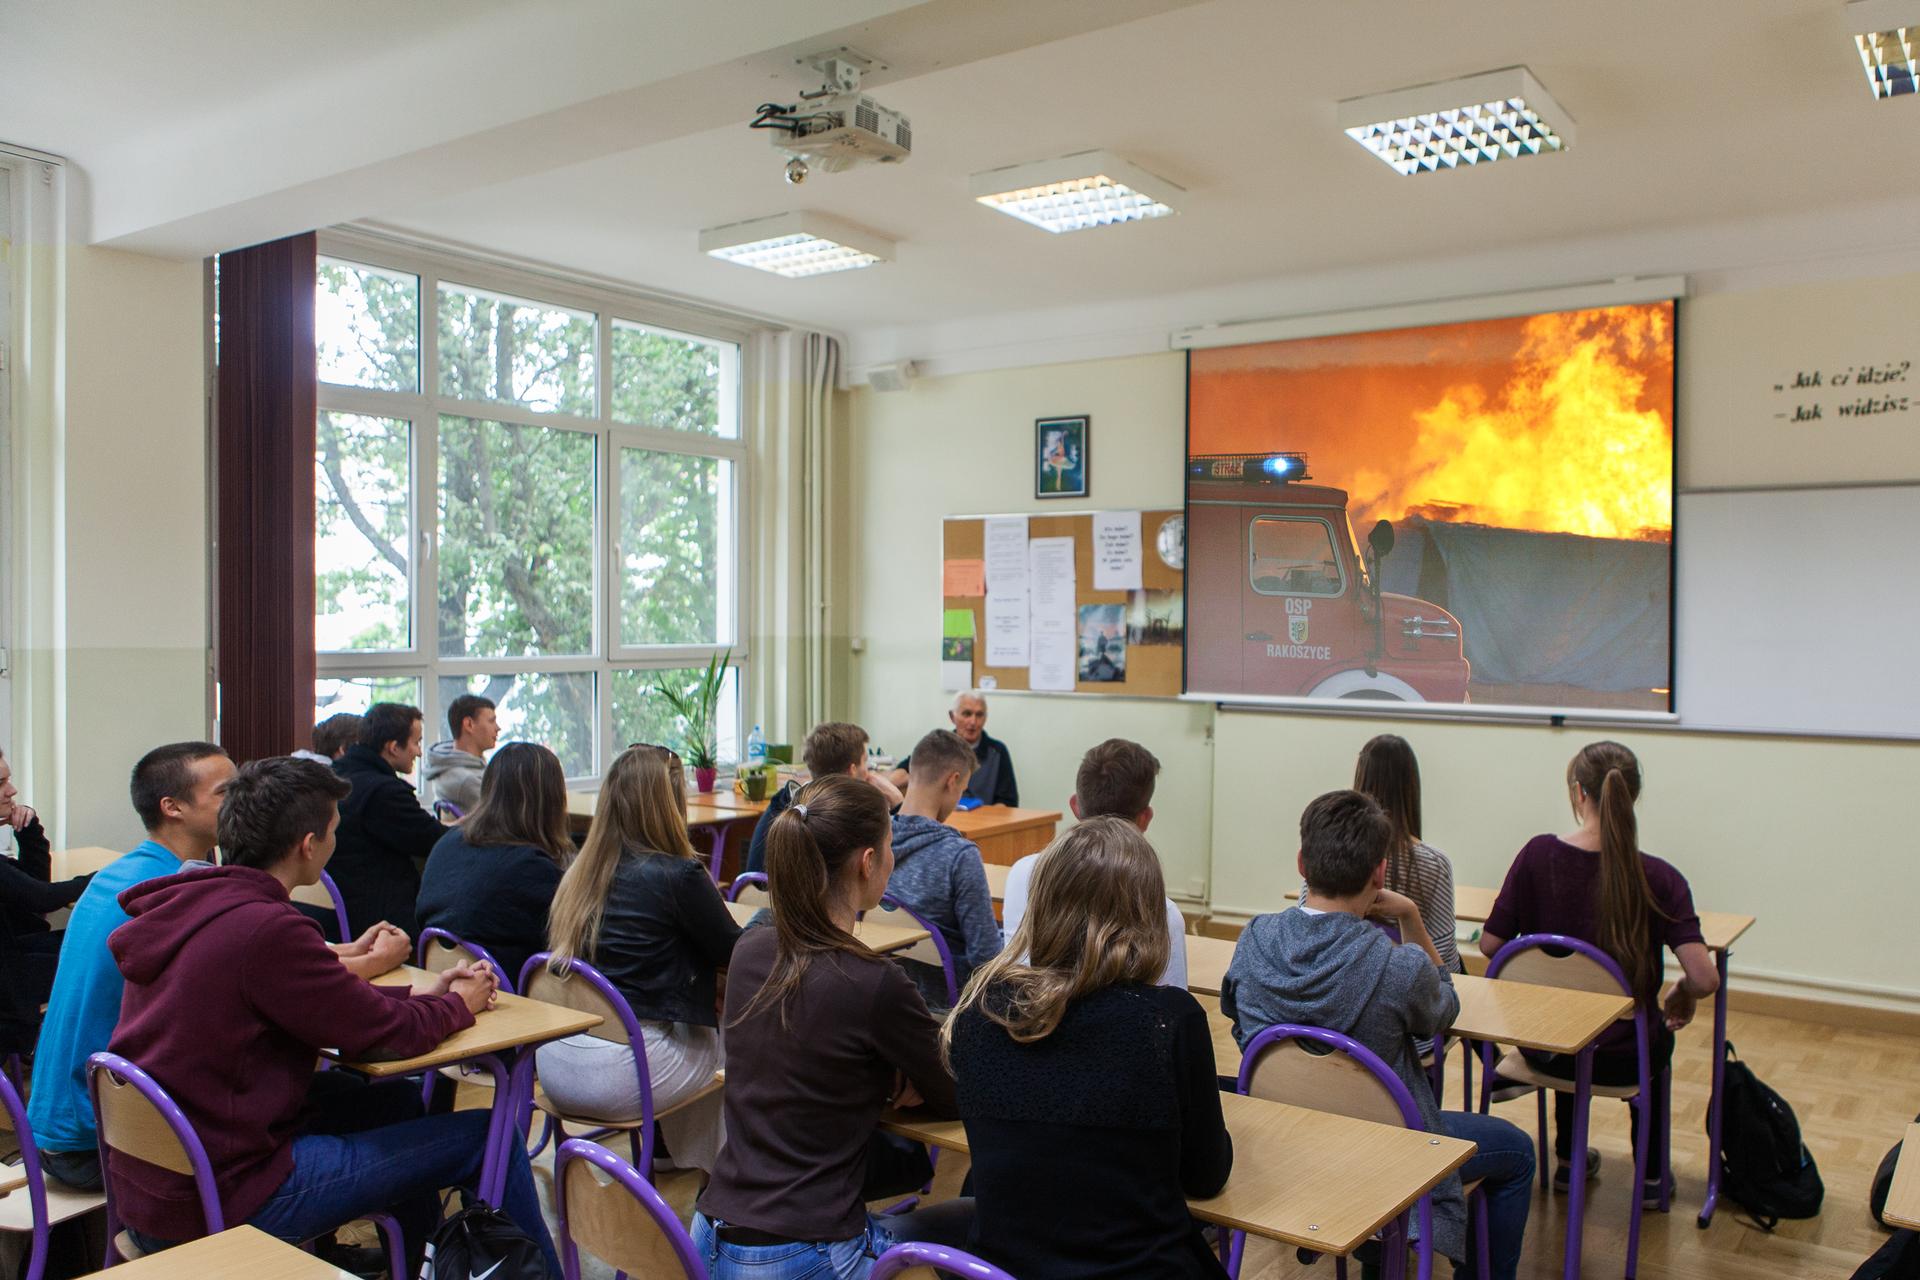 Kolorowe zdjęcie klasy lekcyjnej. Grupa uczniów siedzi wławkach tyłem do obserwatora zdjęcia, przodem do tablicy. Na ścianie, obok tablicy, rozciągnięty ekran. Na ekranie fragment filmu dotyczący ochrony przeciwpożarowej. Film przedstawia straż pożarną gaszącą pożar. Nauczyciel siedzi za biurkiem, wlewym rogu klasy.